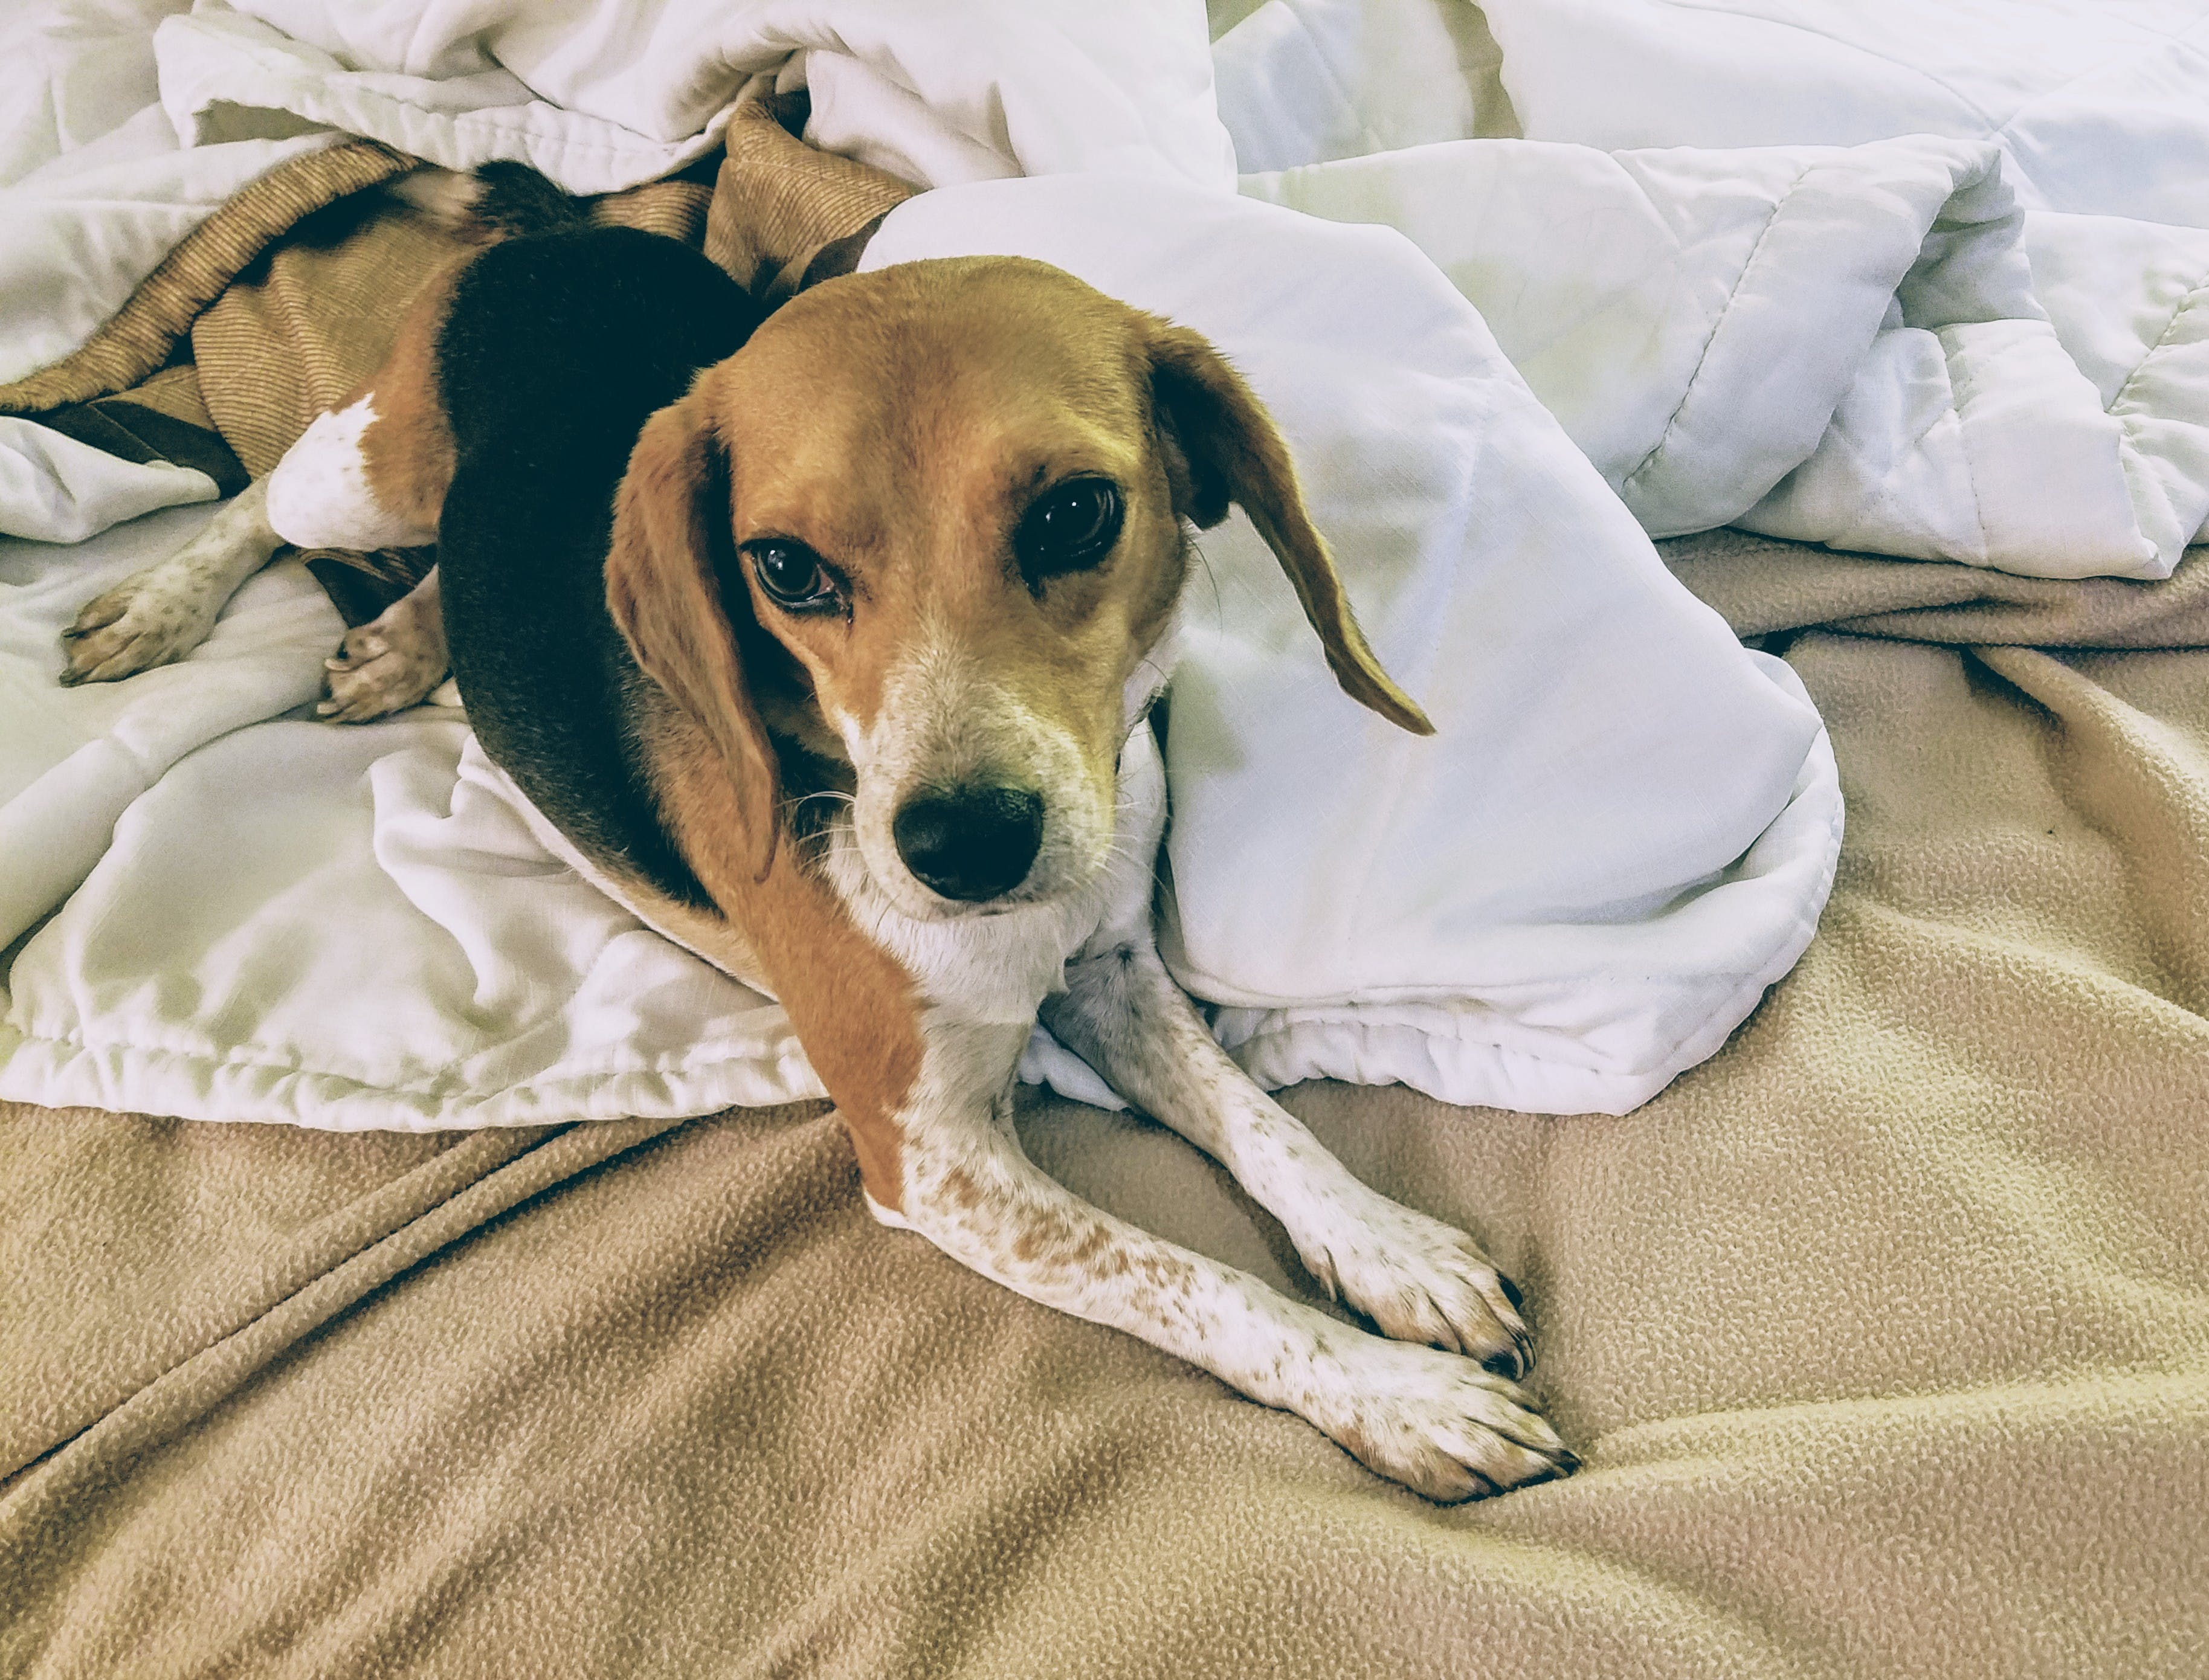 Gratis lagerfoto af beagle, hund, søde dyr